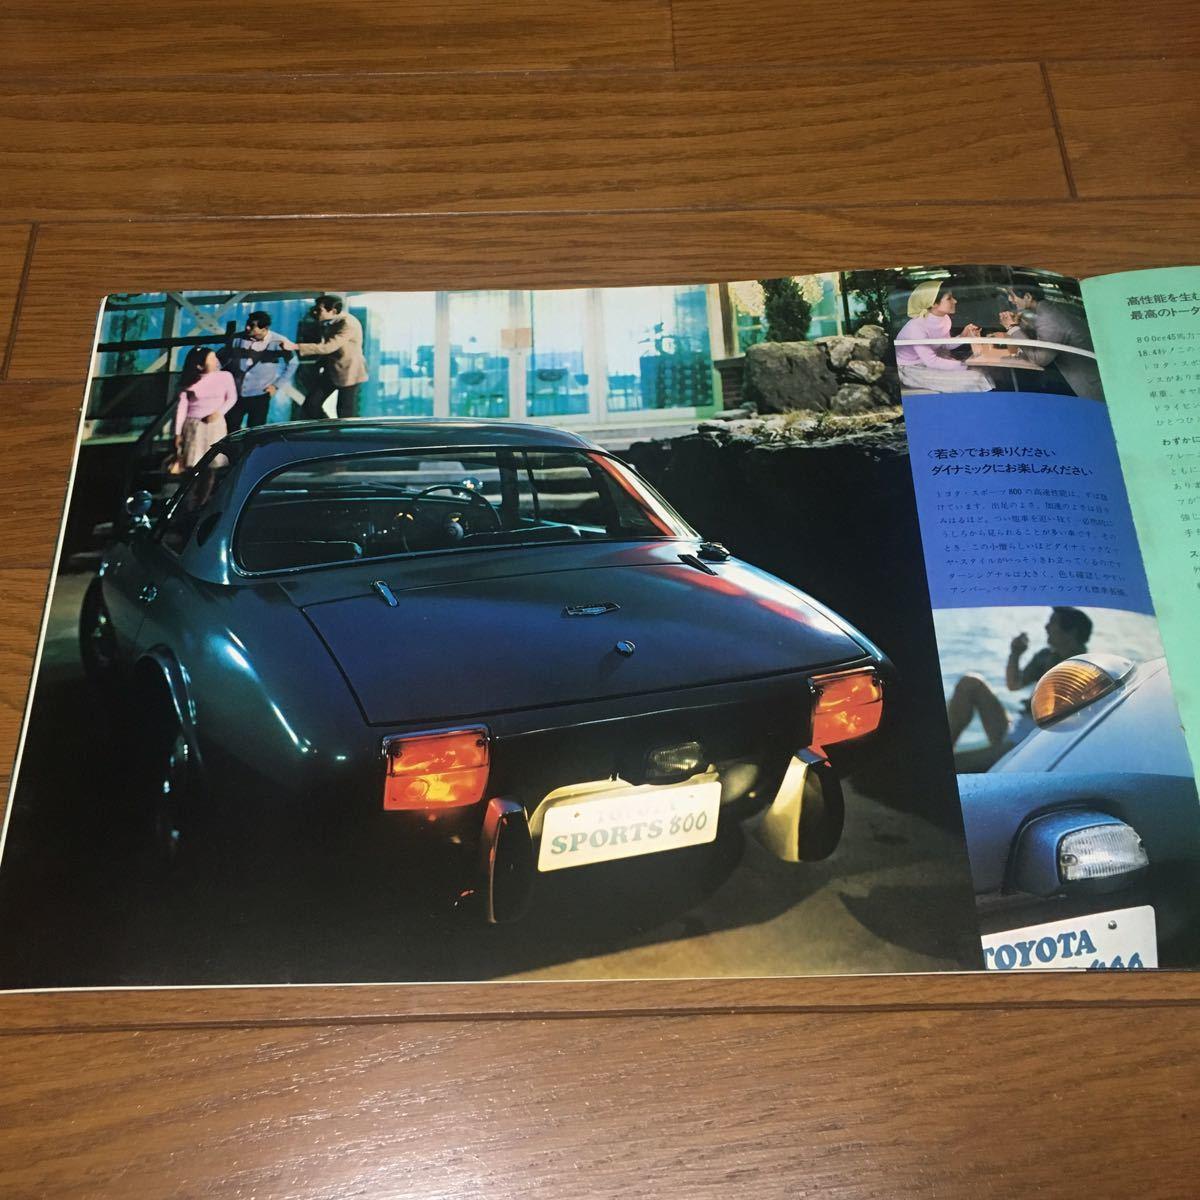 復刻版ではございません 絶版 旧車カタログ トヨタ スポーツ800 超貴重な青表示 当時物 昭和 希少滅多にでてきません。_画像6